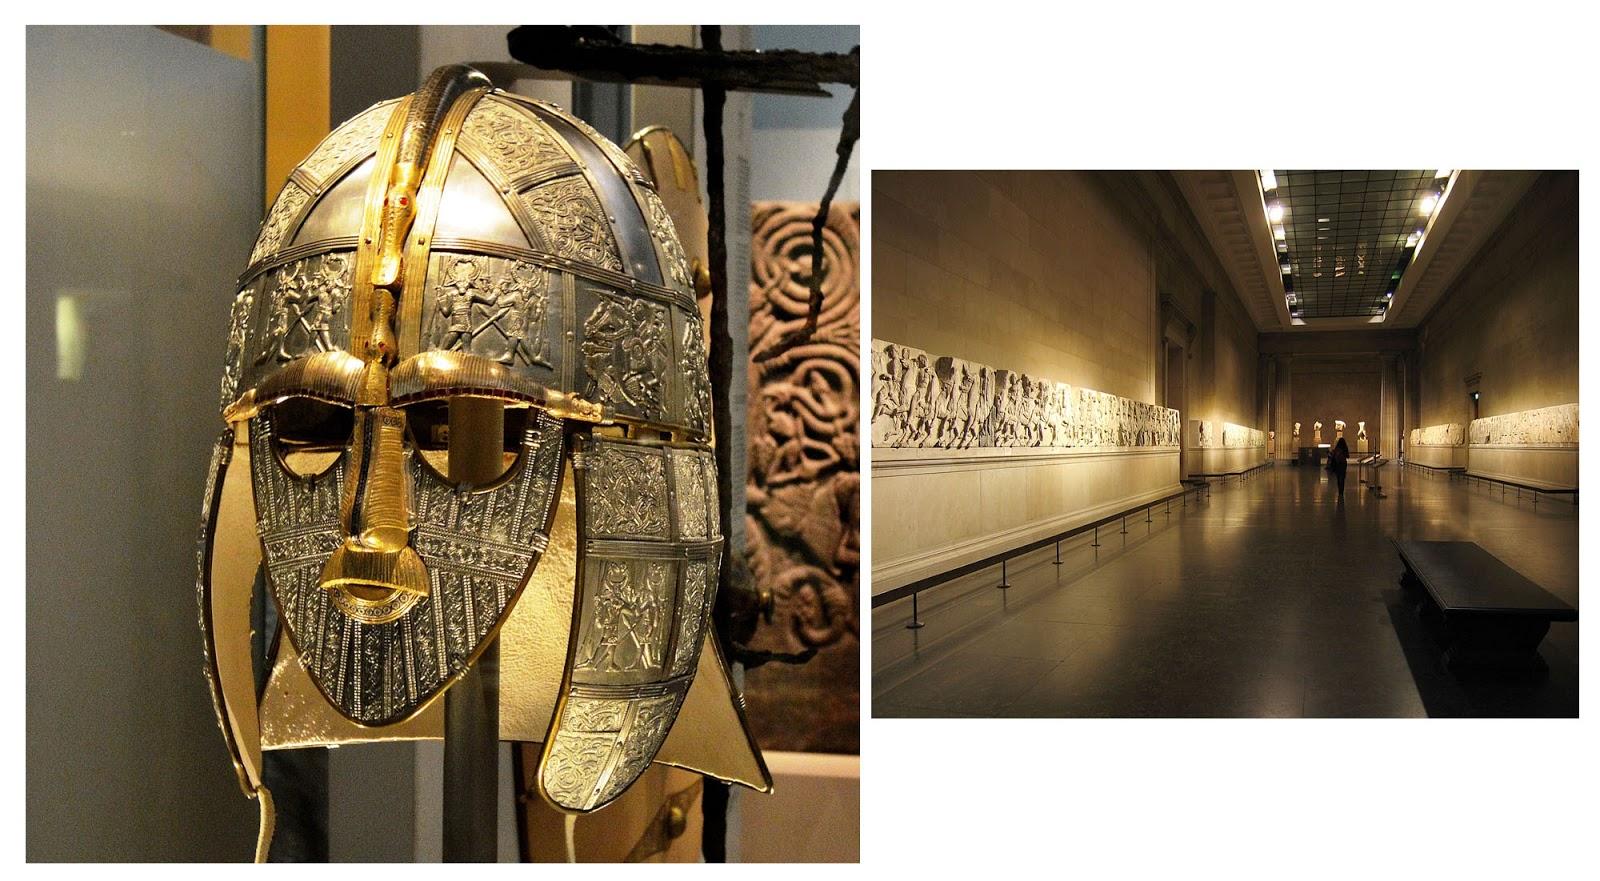 British Museum Sutton Hoo Online Tour